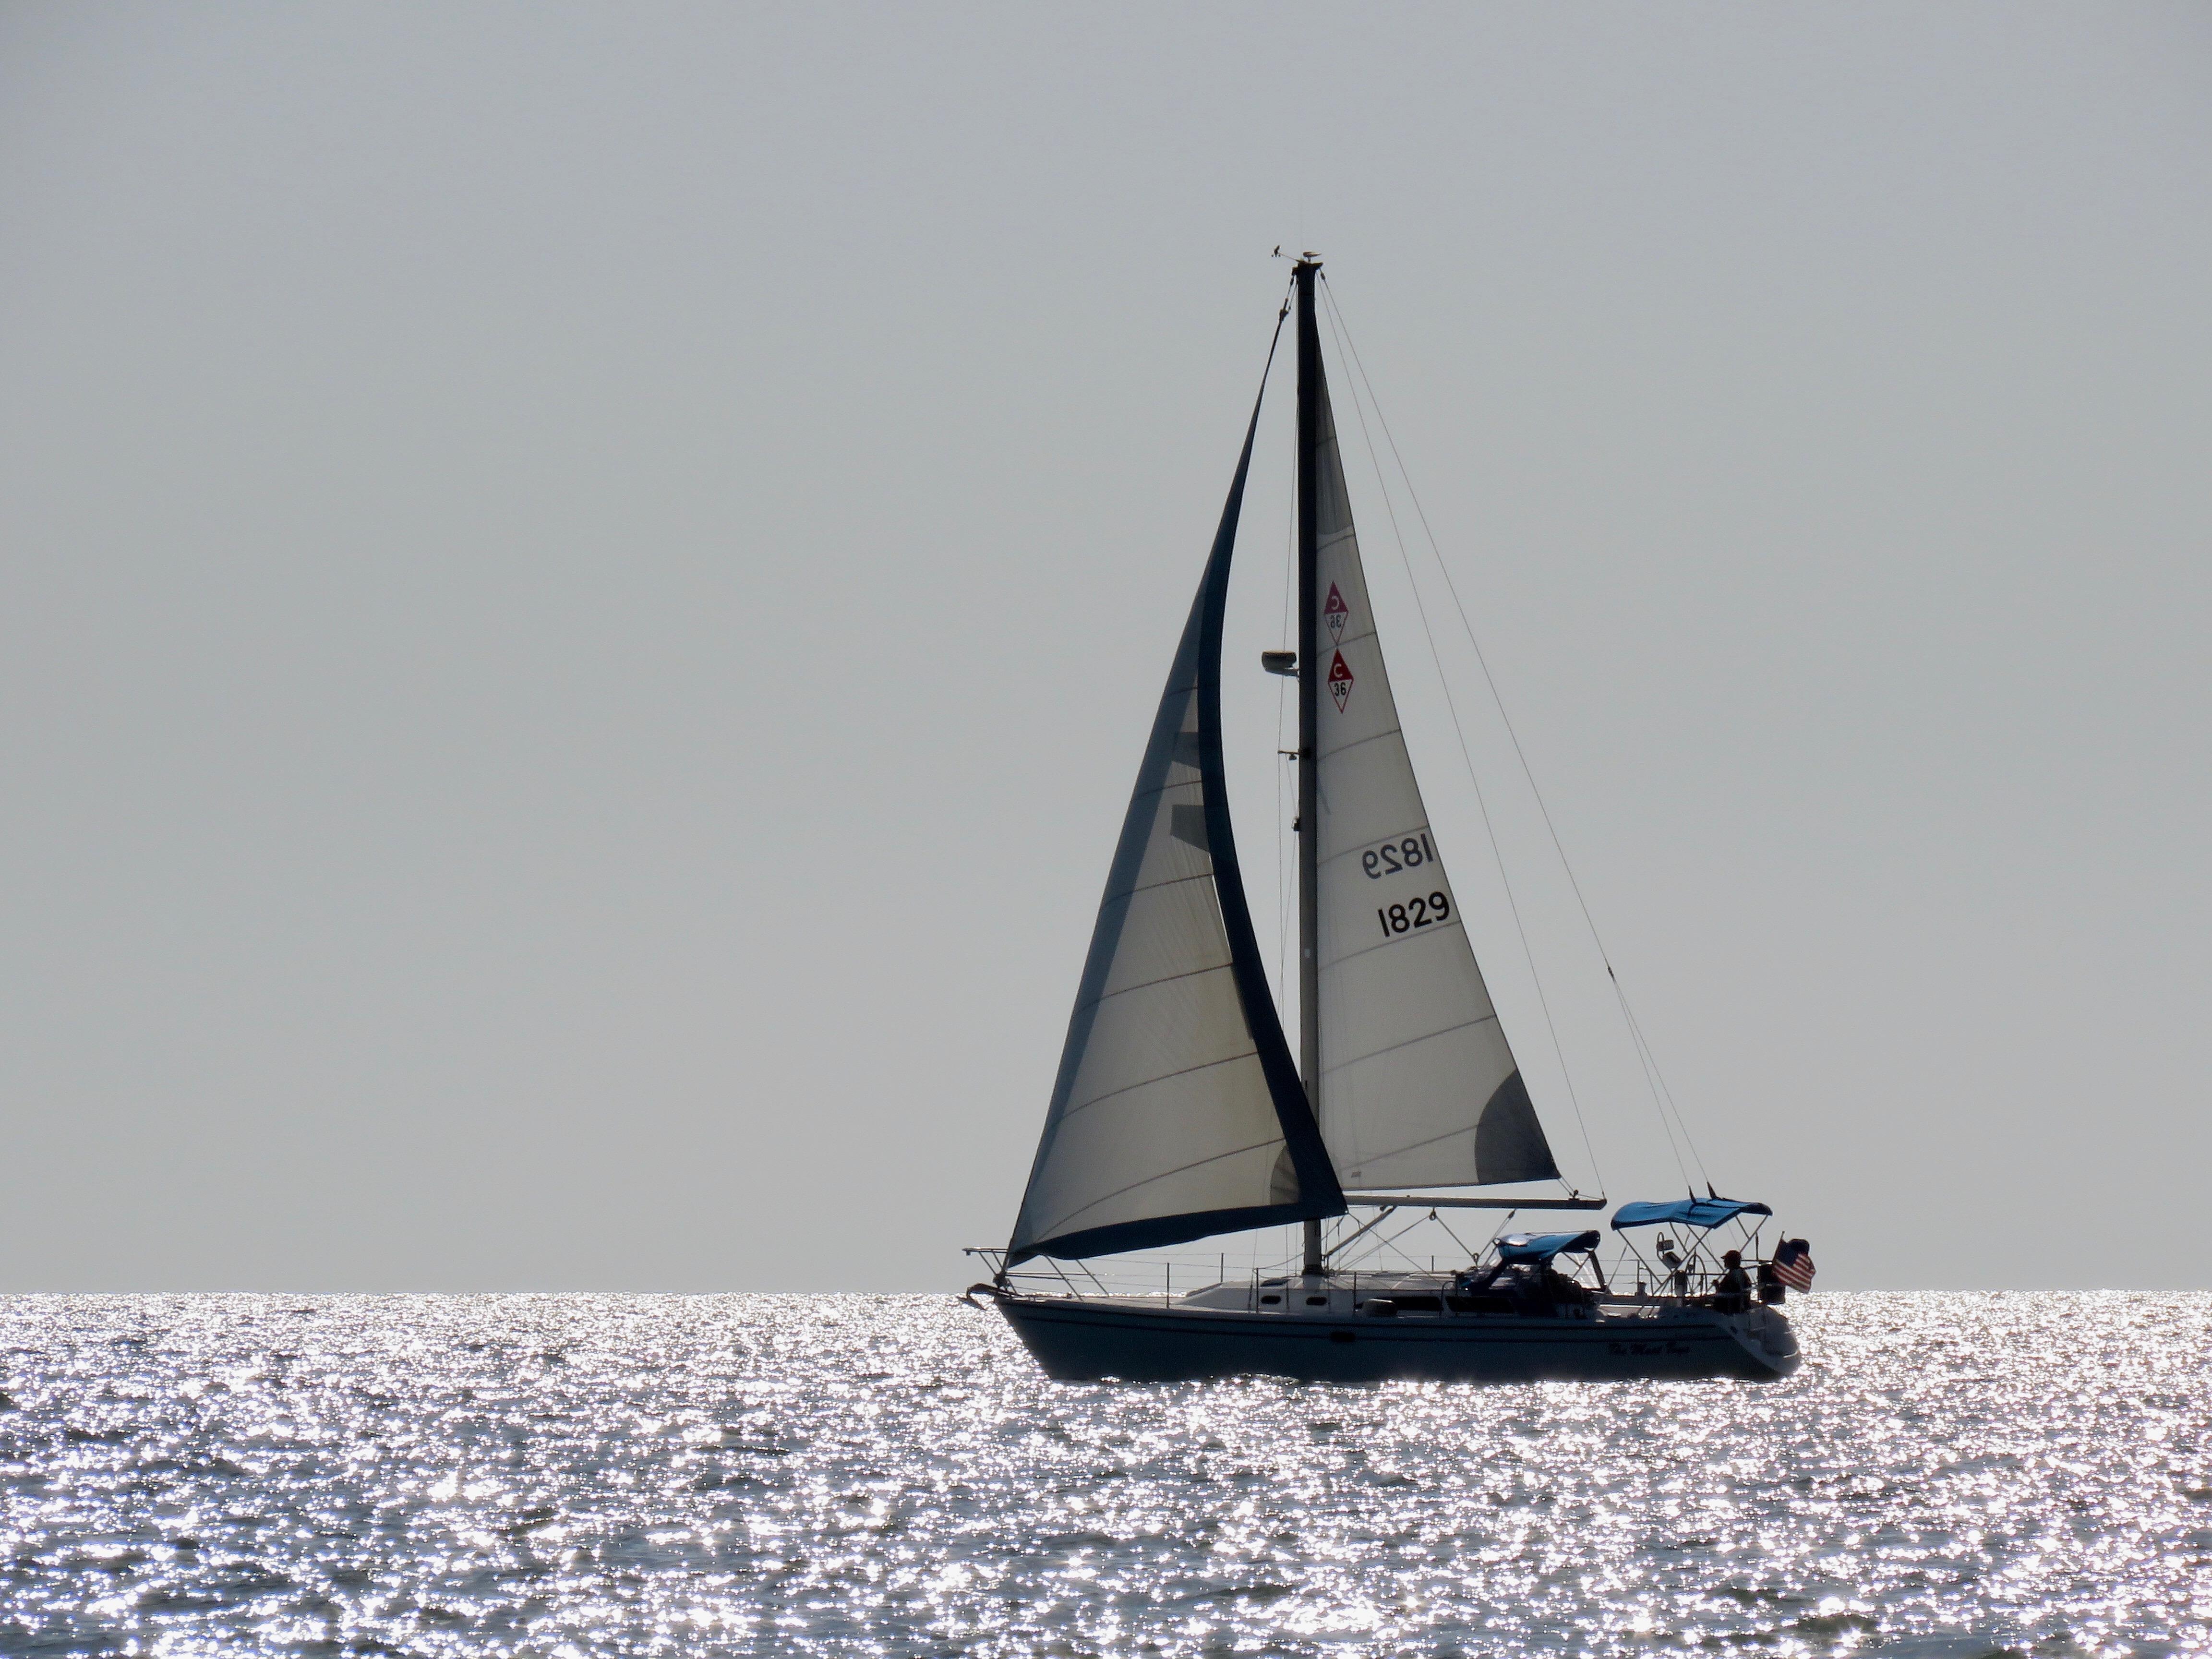 Sailing along the Gulf